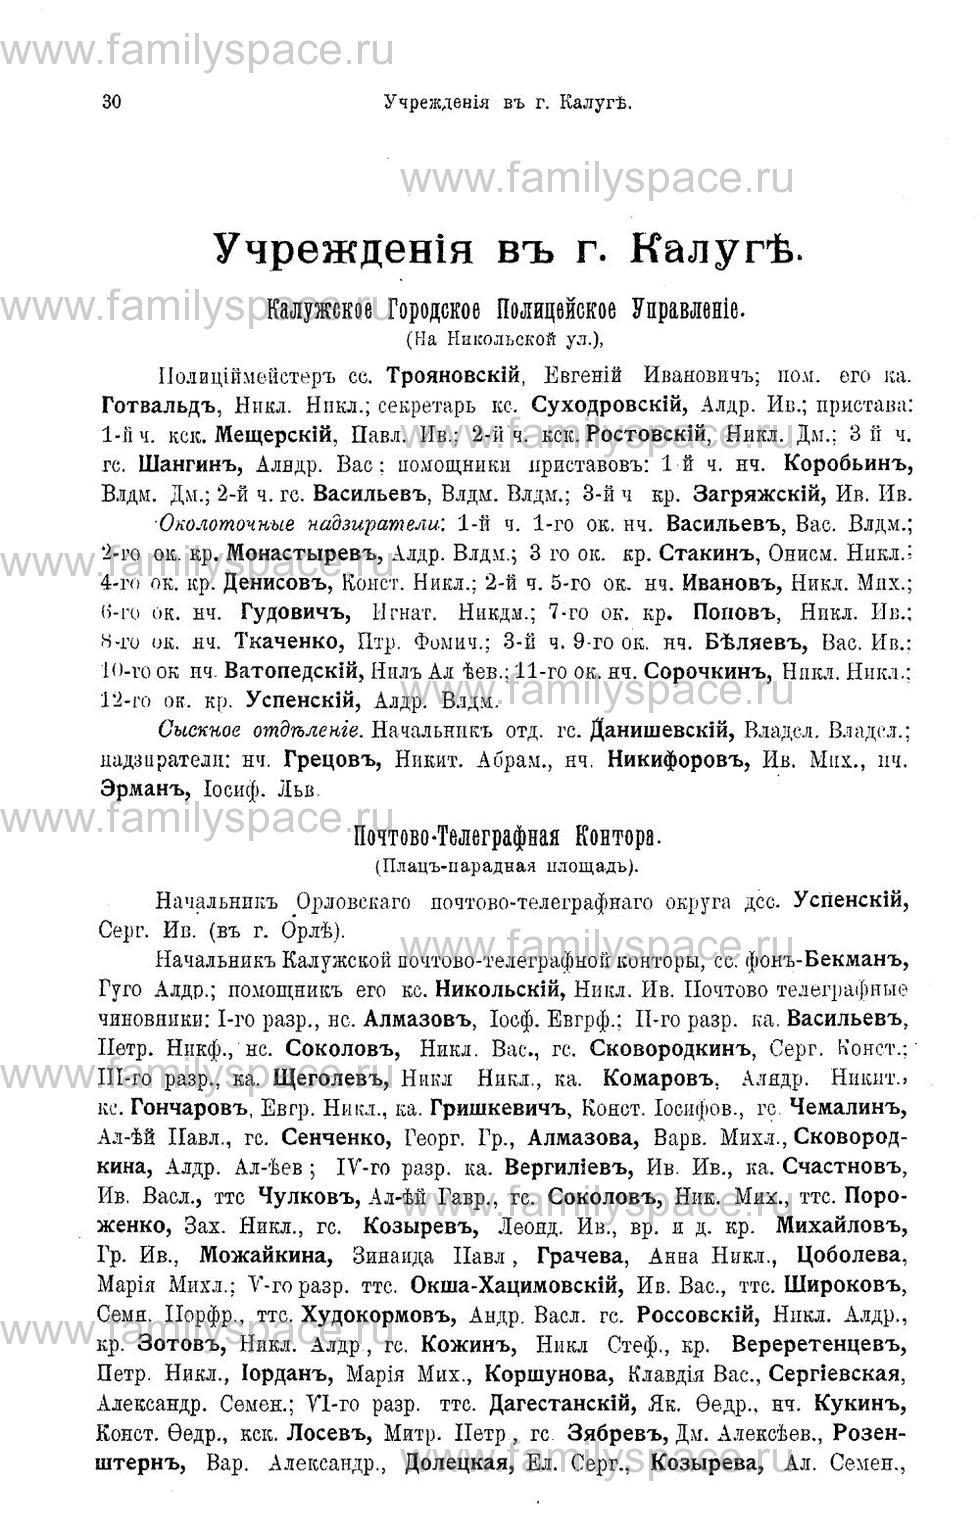 Поиск по фамилии - Памятная книжка и адрес-календарь Калужской губернии на 1911 год, страница 2030